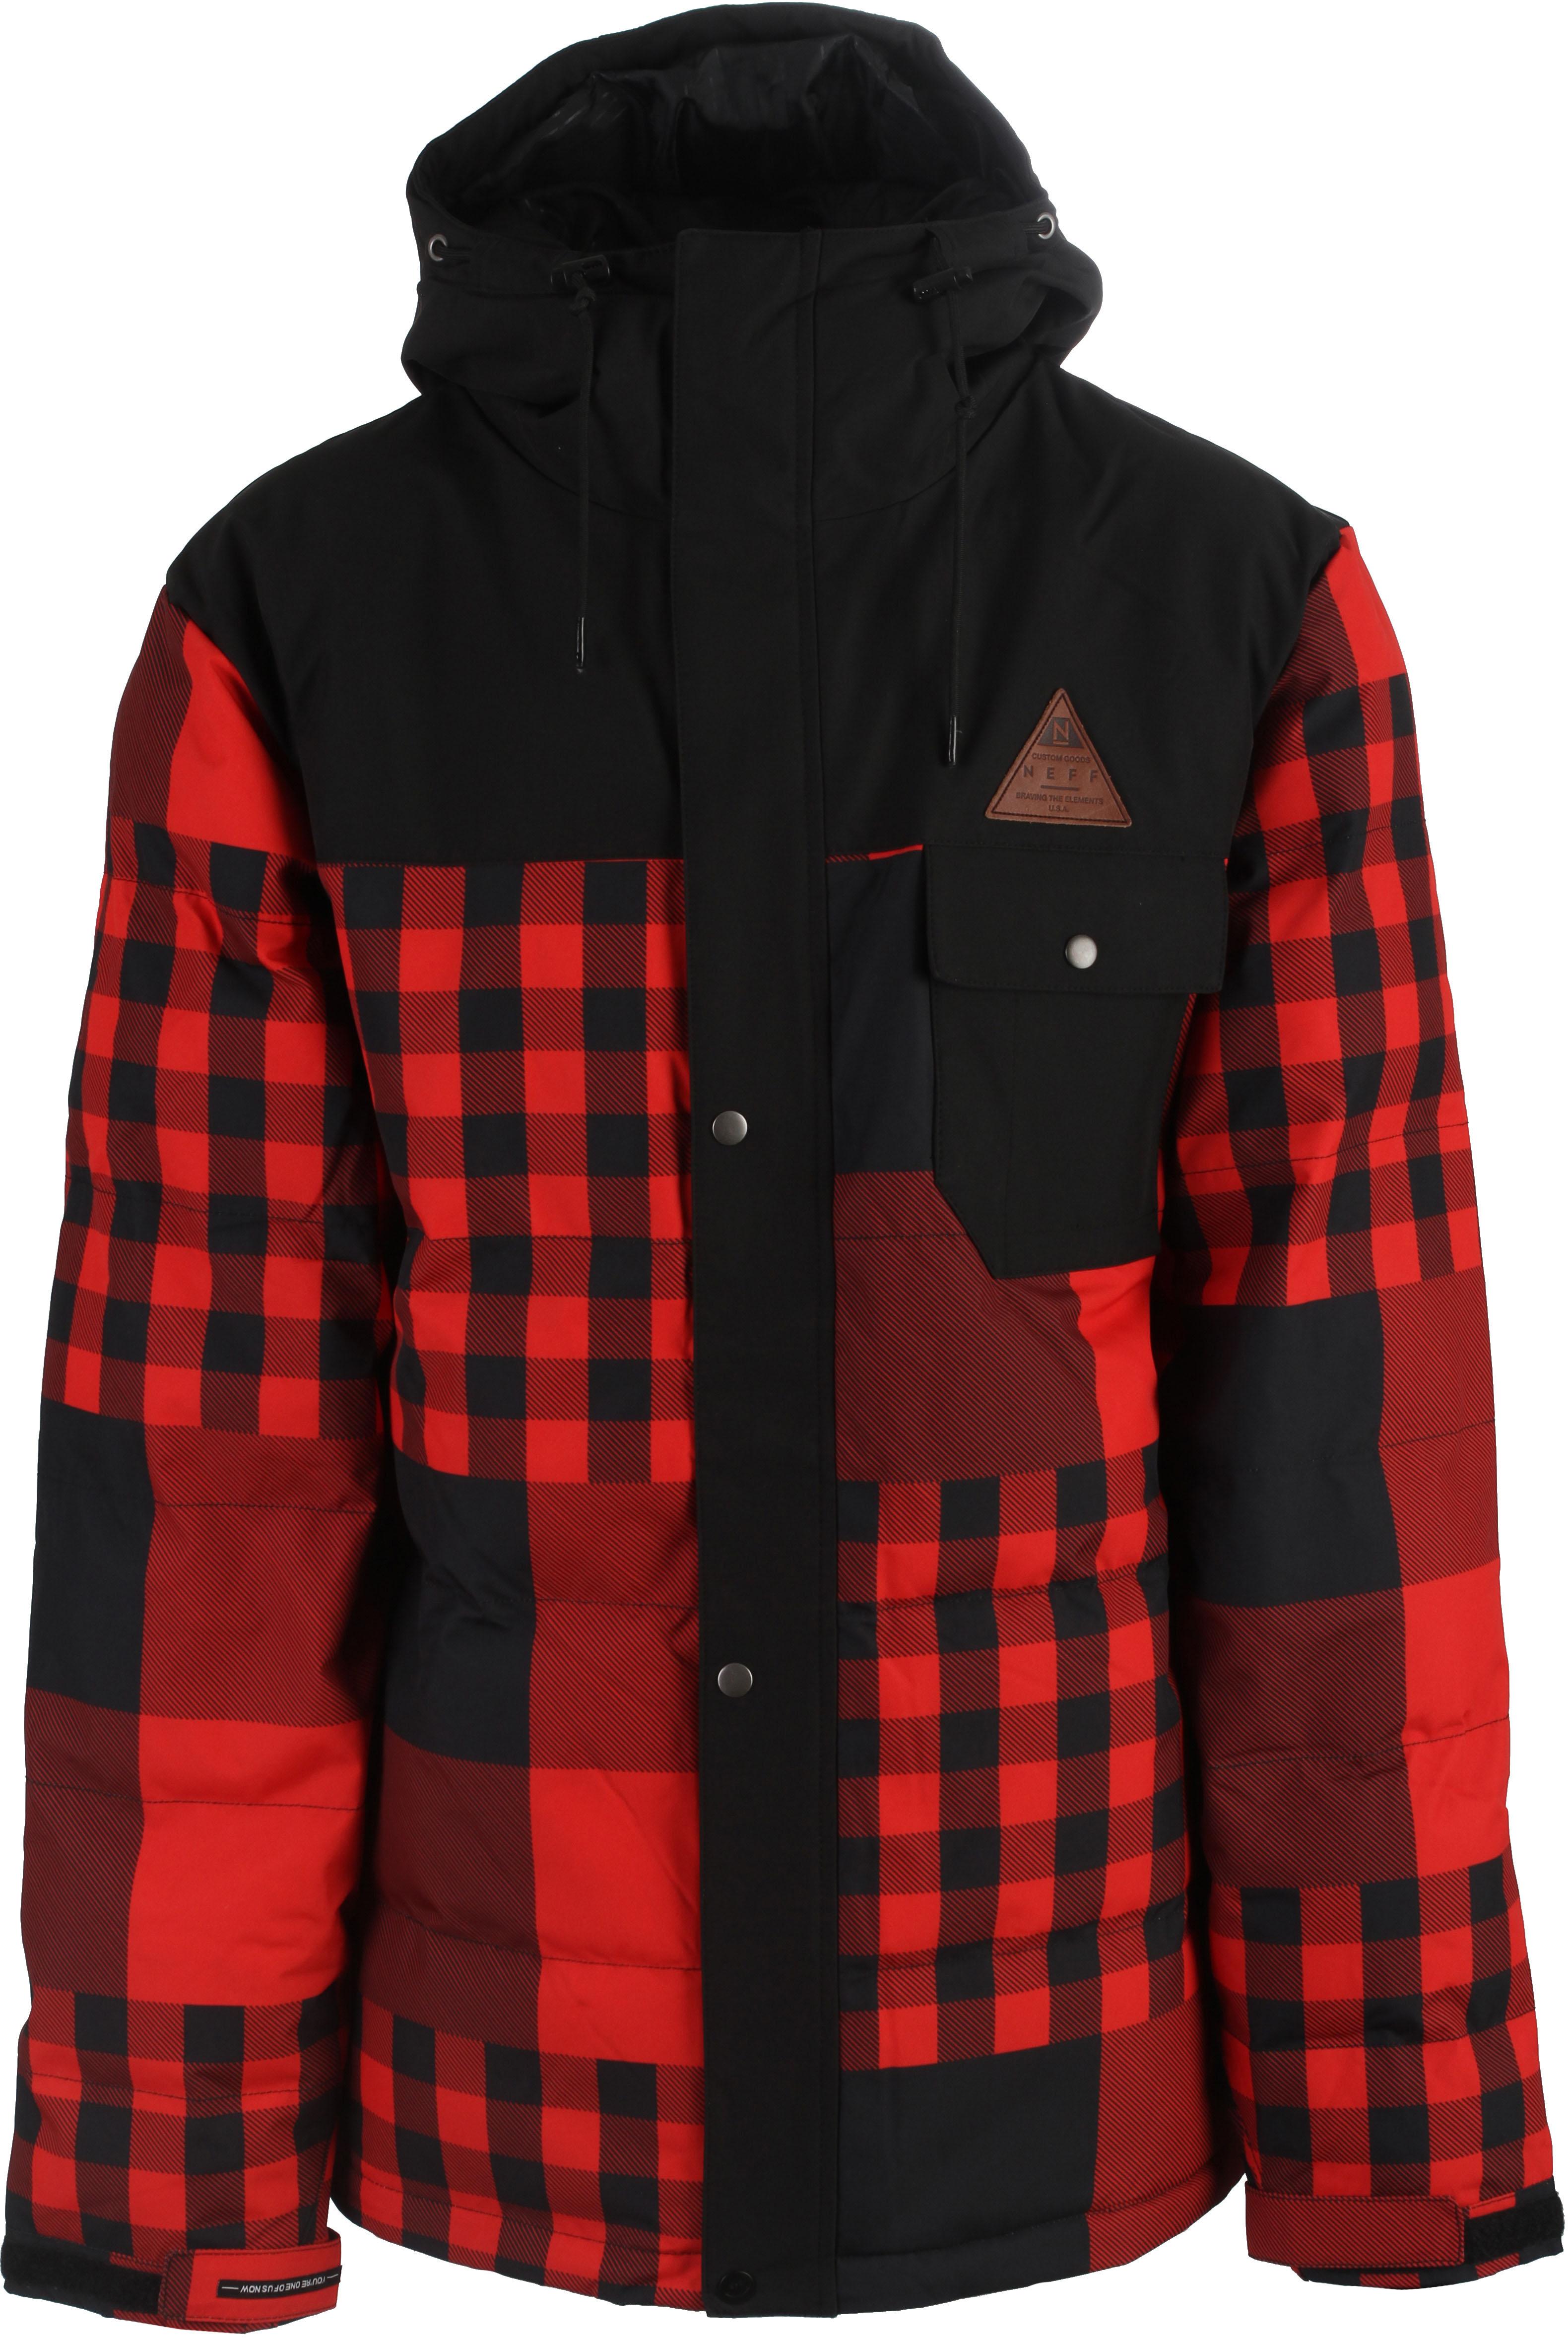 image neff-peak-jacket-jpg